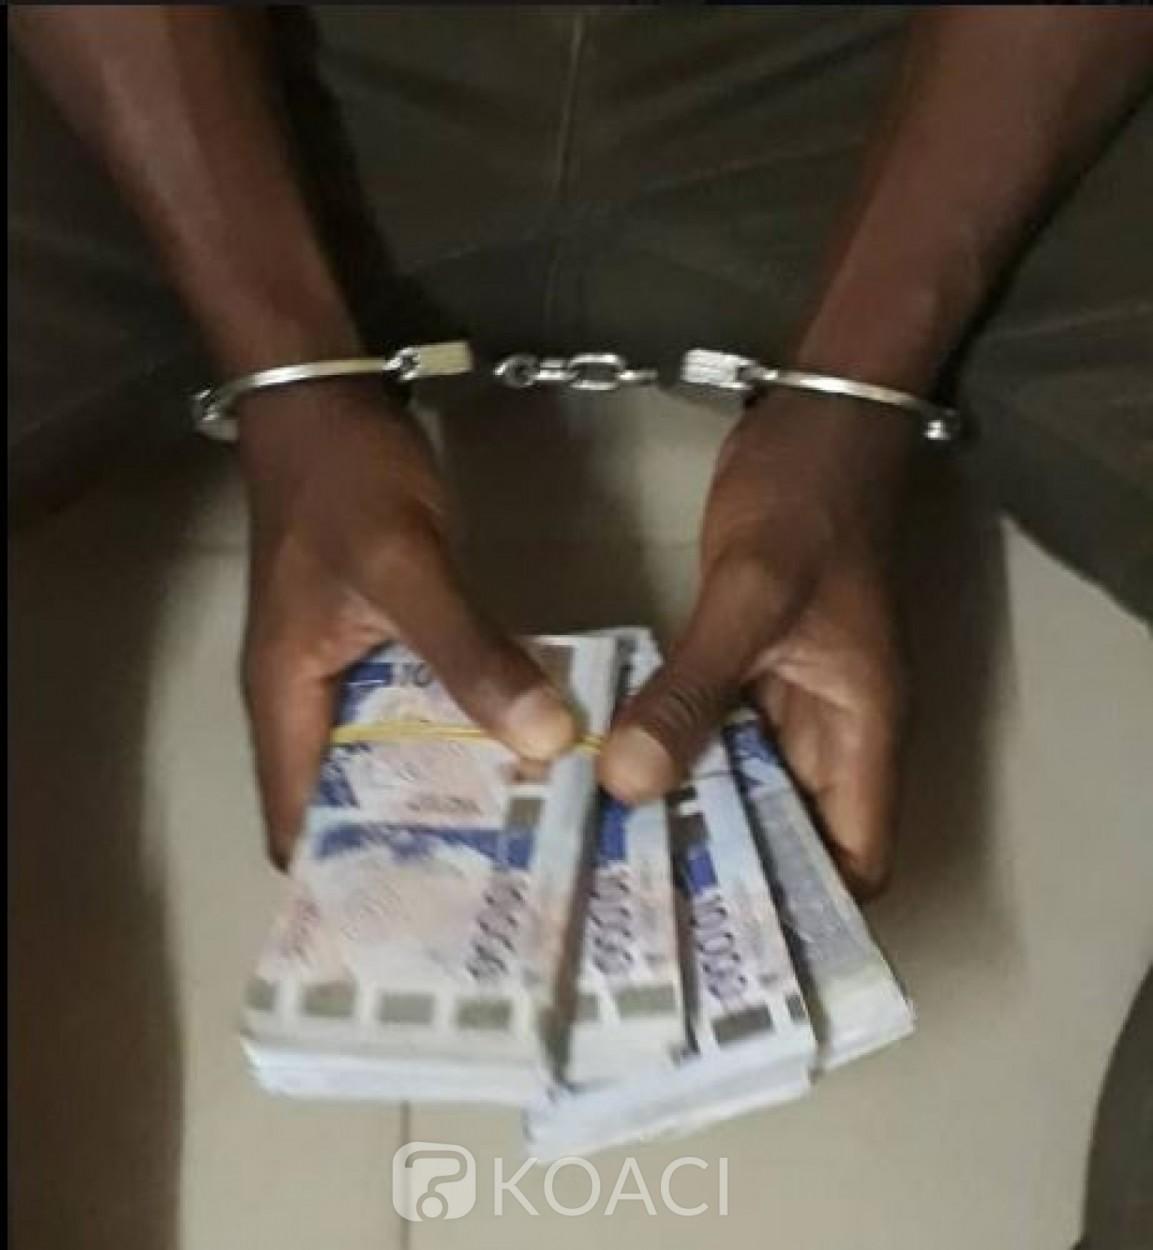 Côte d'Ivoire: Un individu suspecté du vol de 23 millions interpellé à Issia